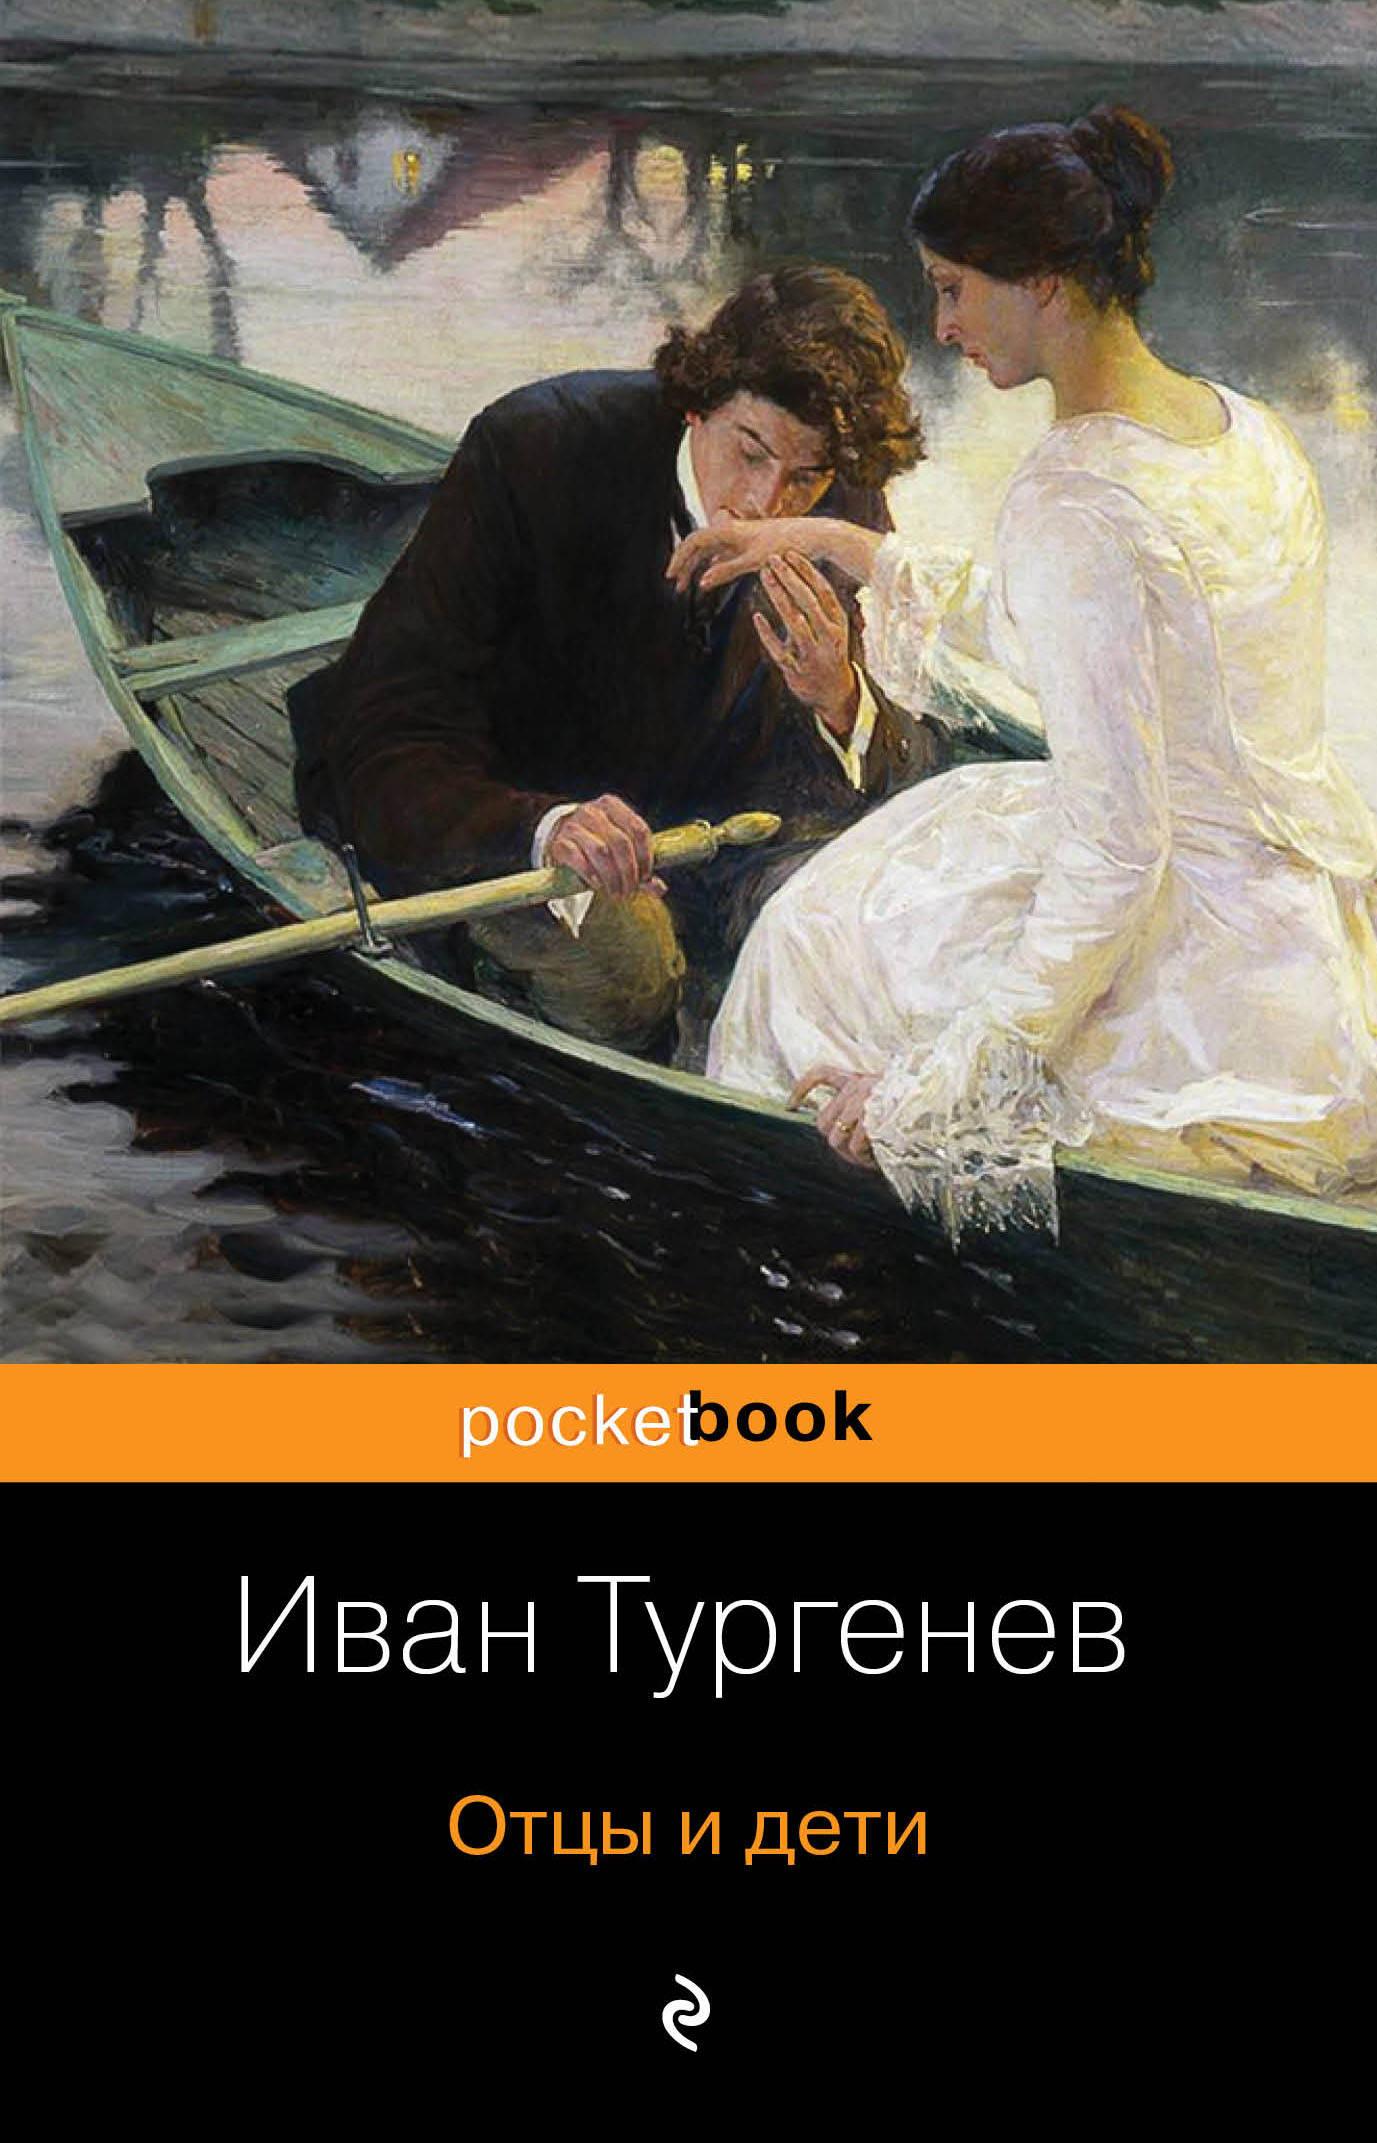 Иван Тургенев Отцы и дети